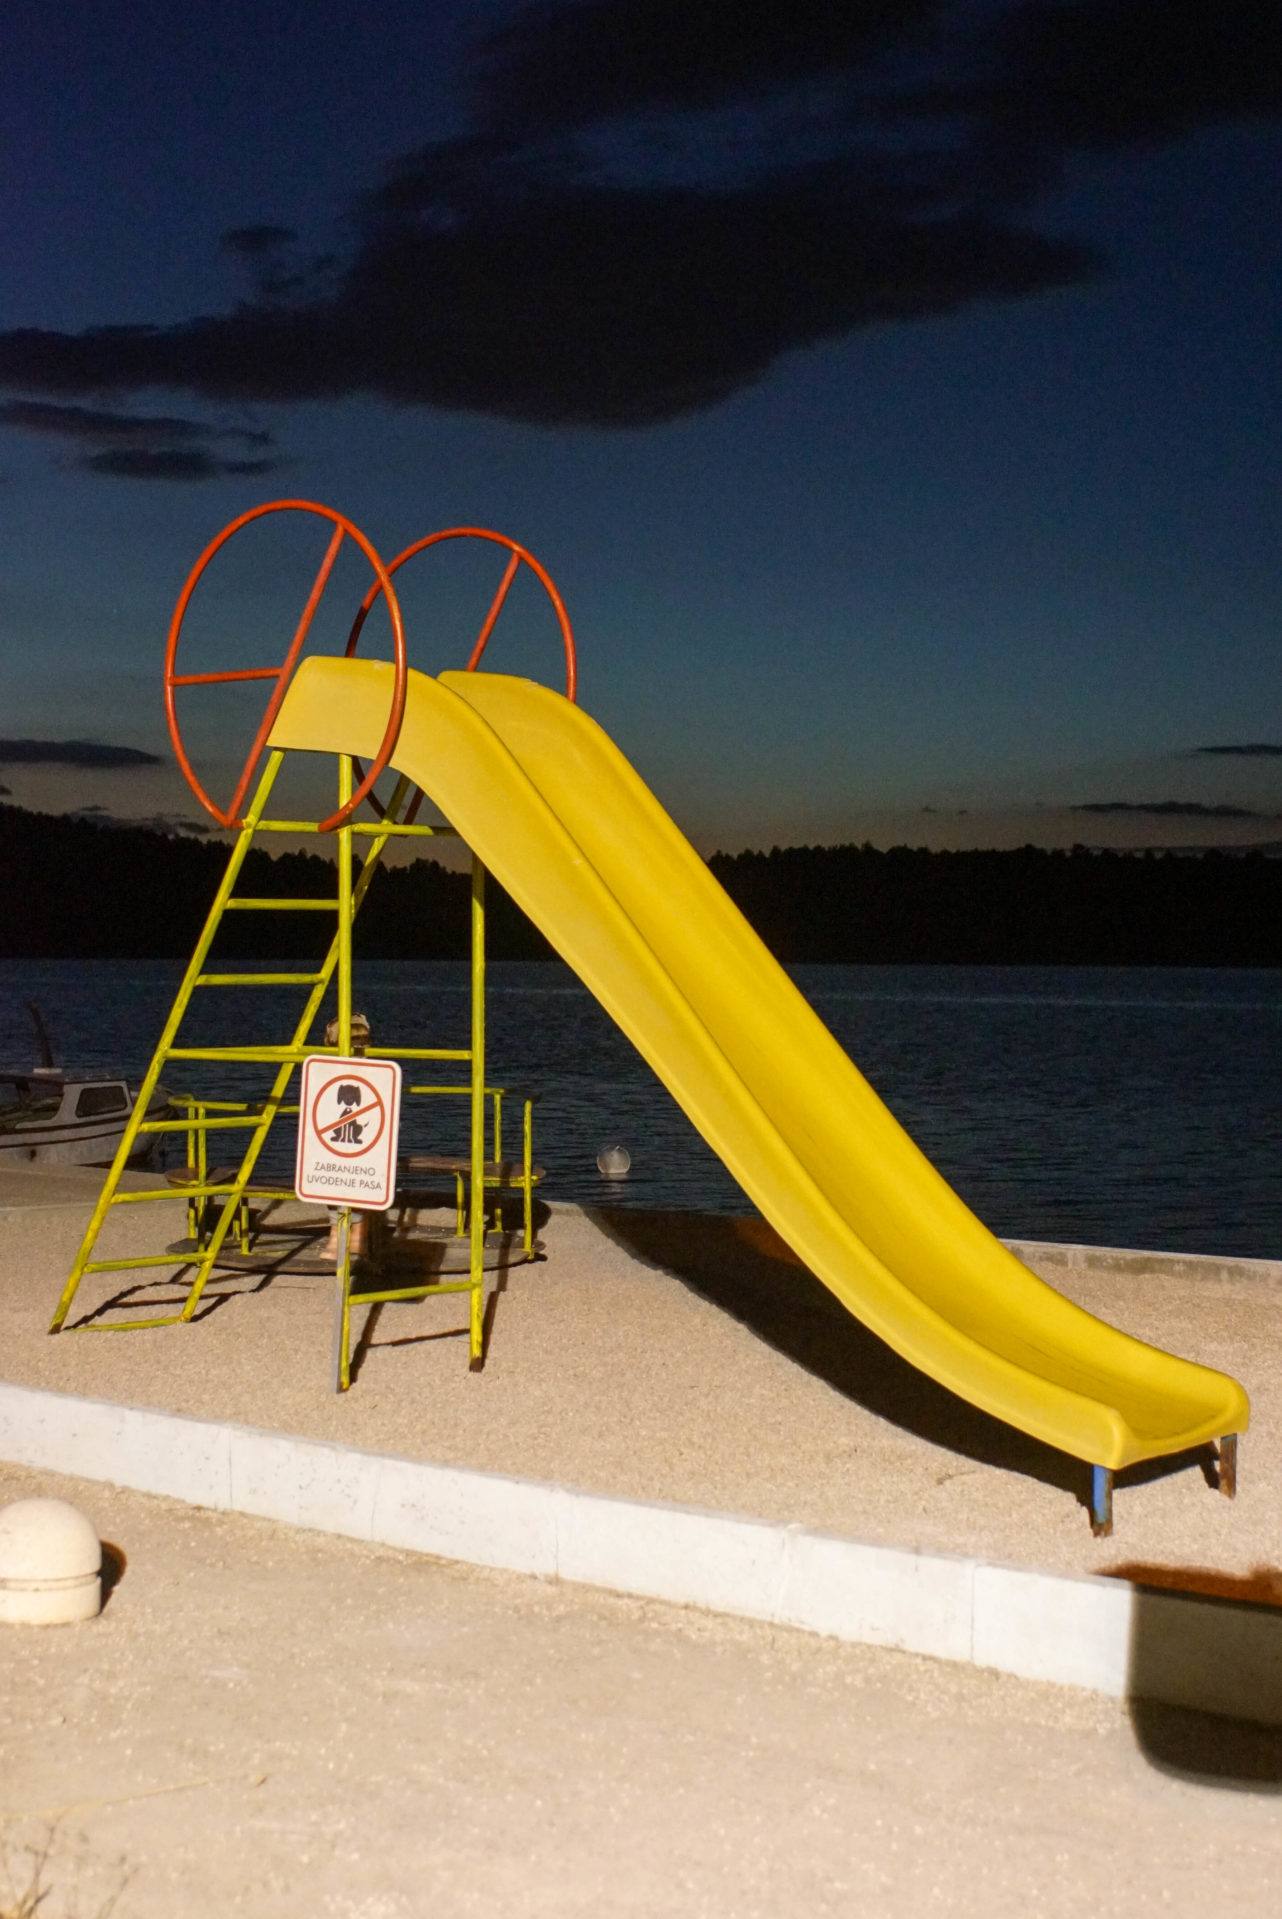 Im Vordergrund ist eine alte gelbe Rutsche hell erleuchtet zu sehen. Der Hintergrund ist dunkel, zeigt aber noch Restlicht vom Sonnenuntergang